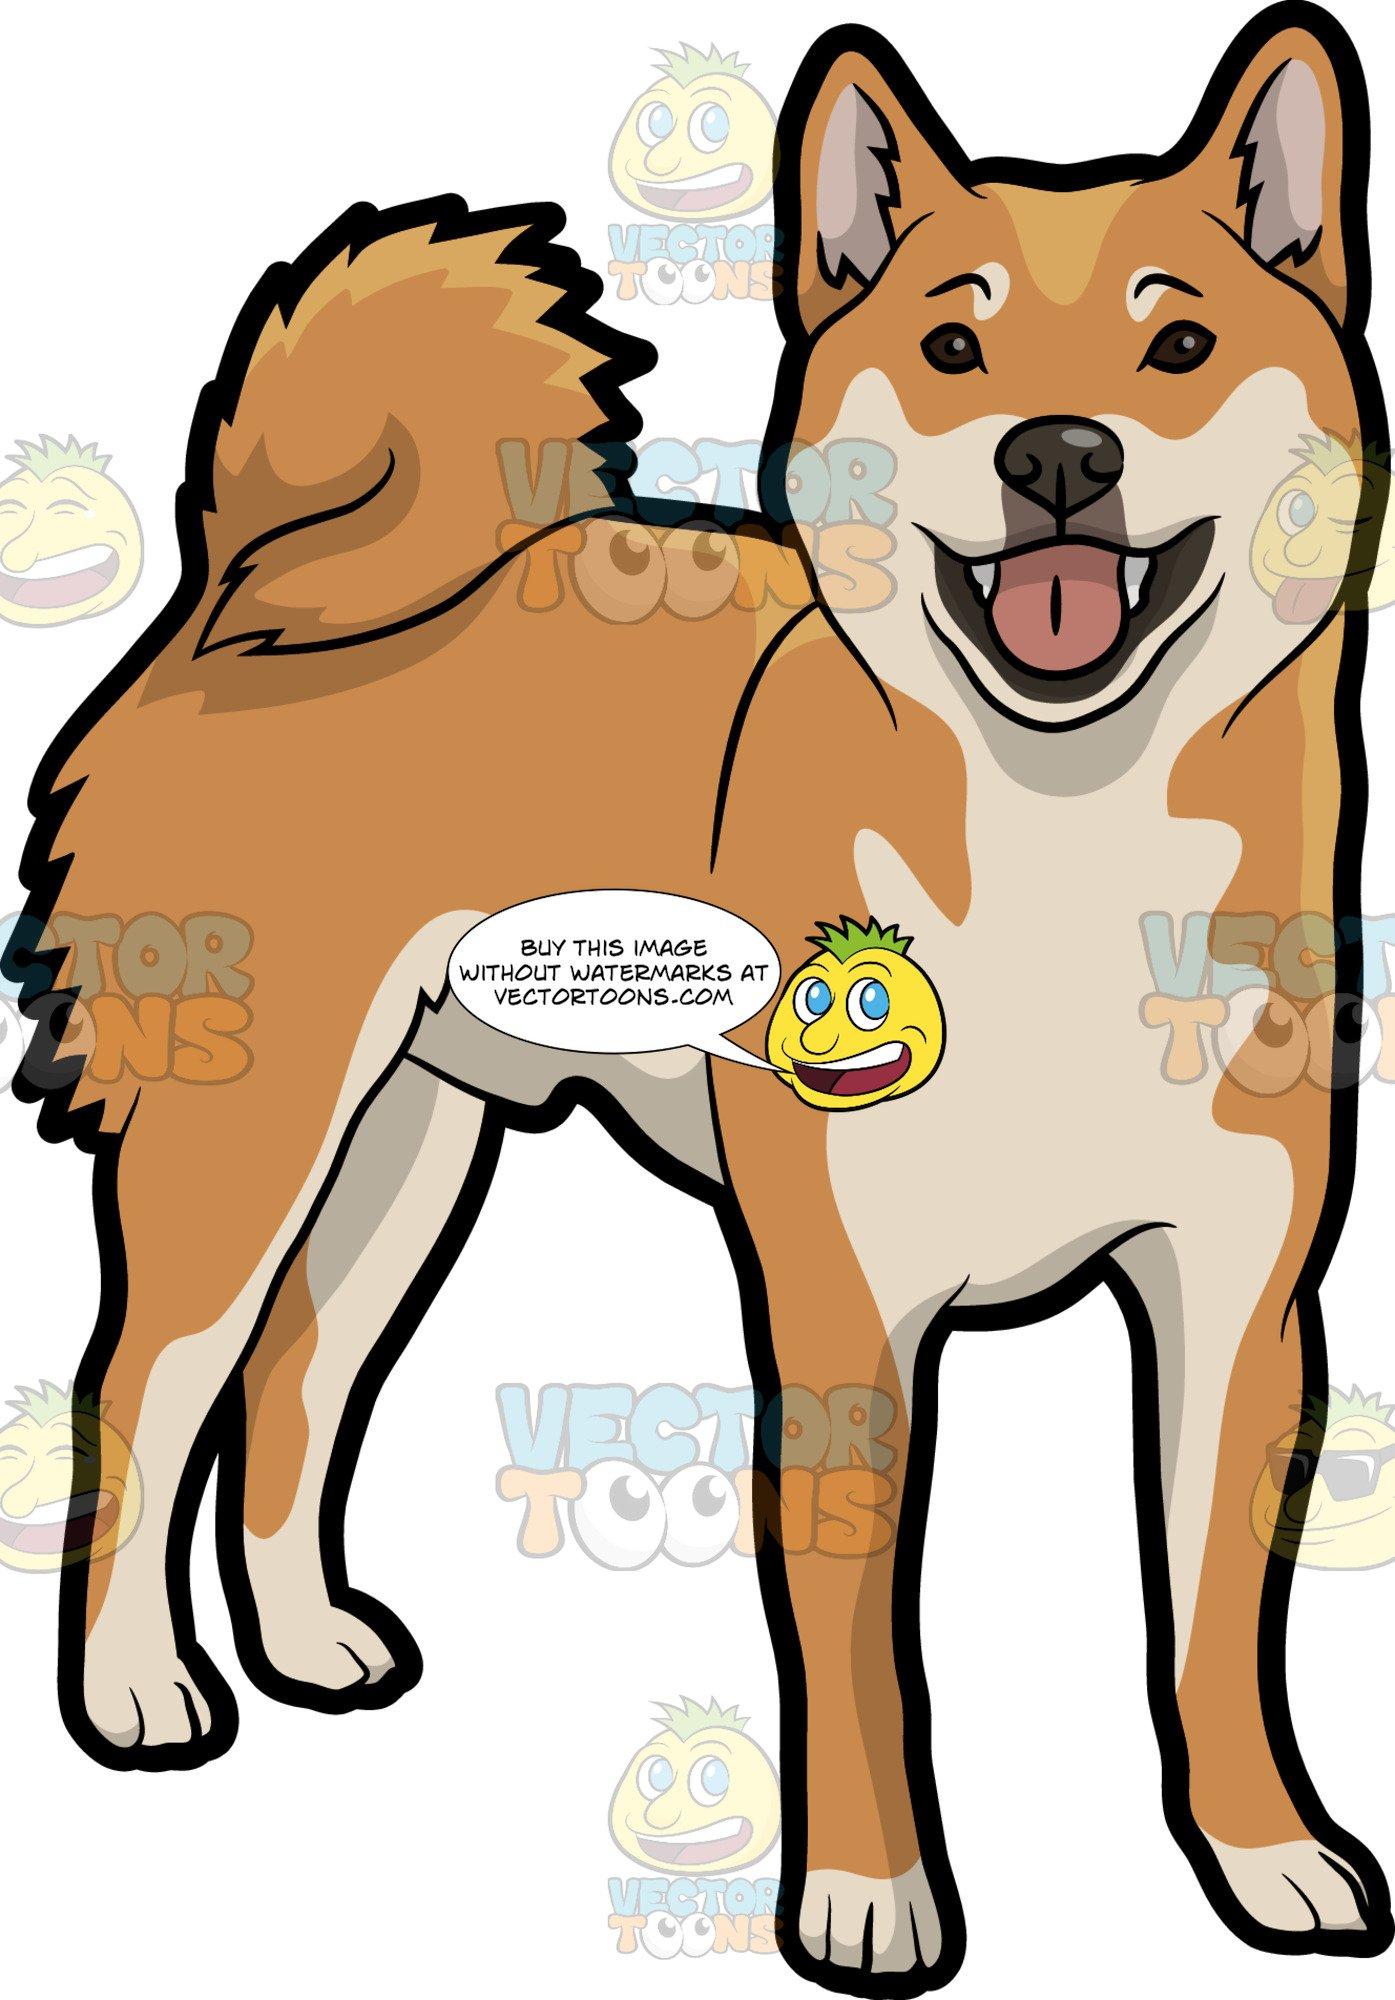 An Alerted Shiba Inu Dog.